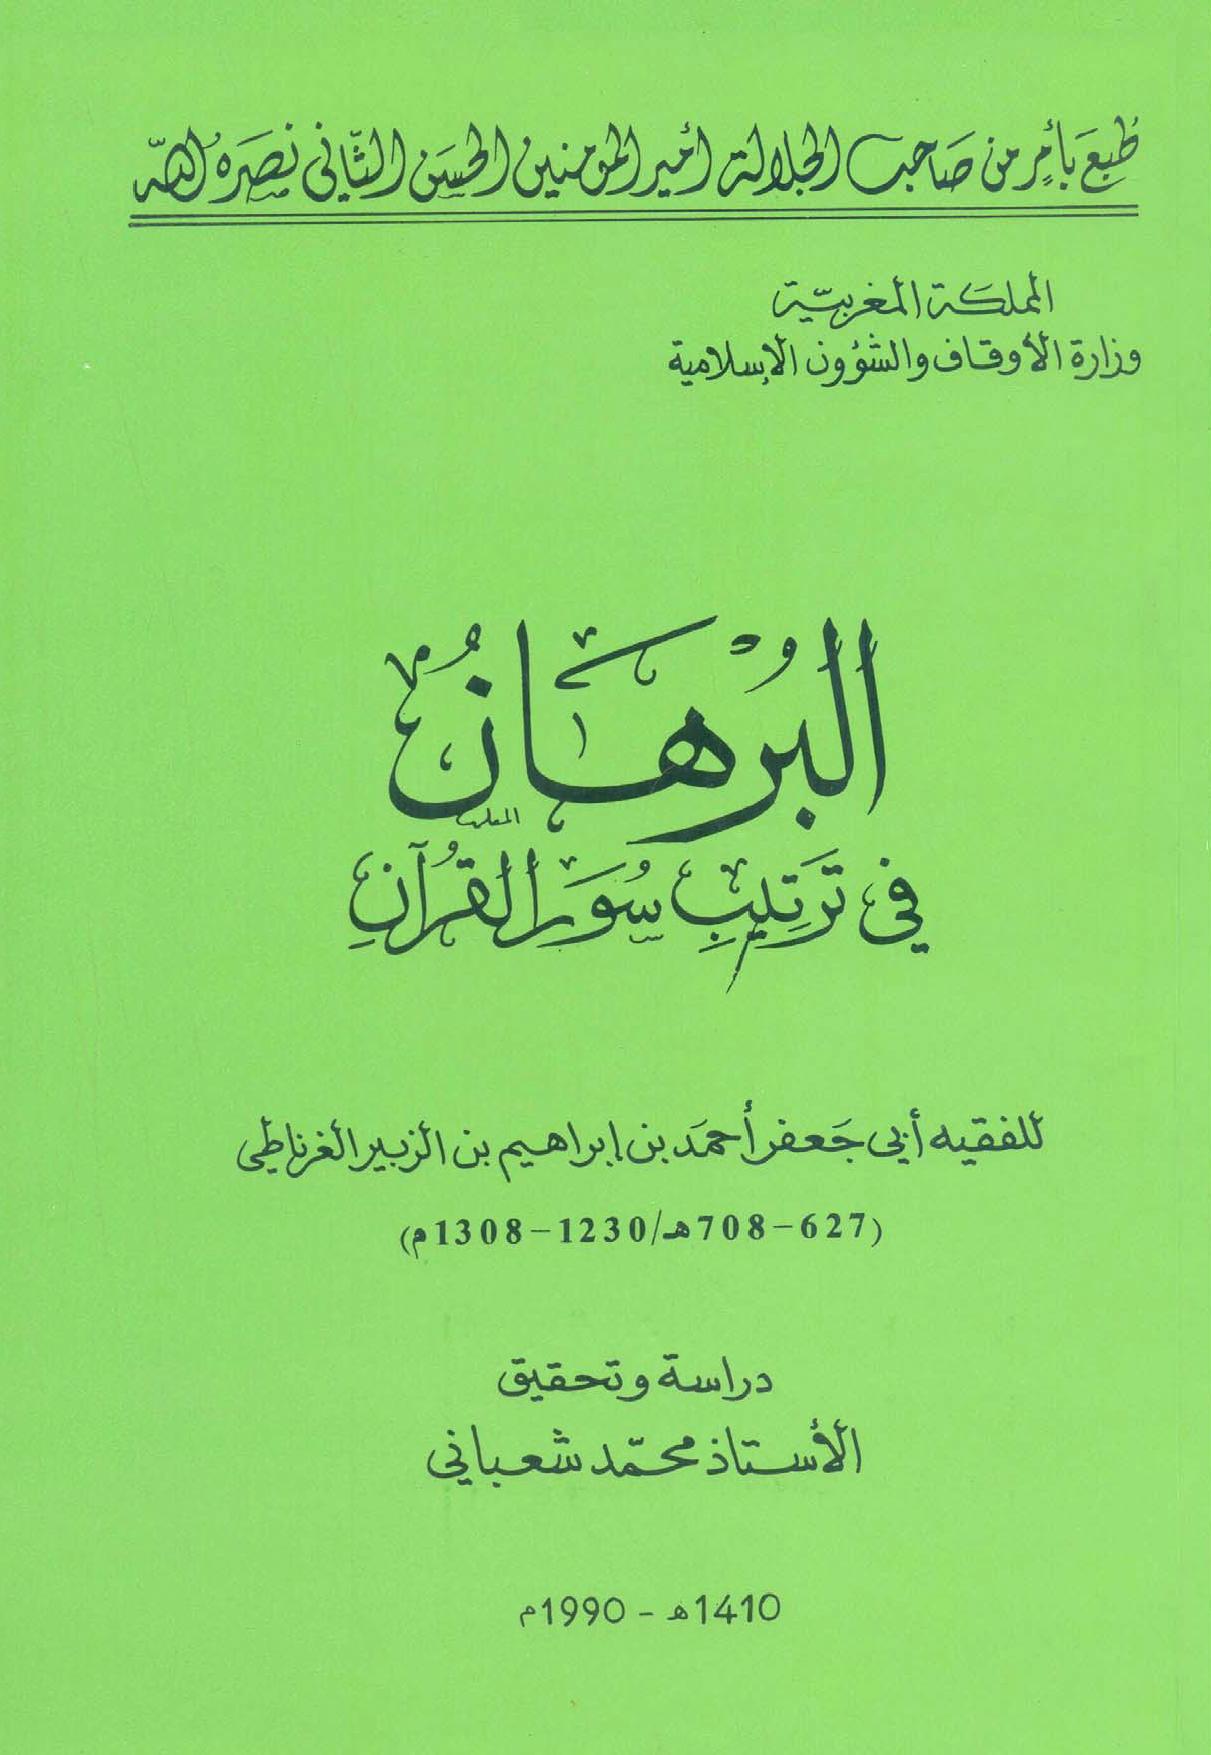 تحميل كتاب البرهان في ترتيب سور القرآن لـِ: الإمام أبو جعفر أحمد بن إبراهيم بن الزبير الثقفي الغرناطي (ت 708)